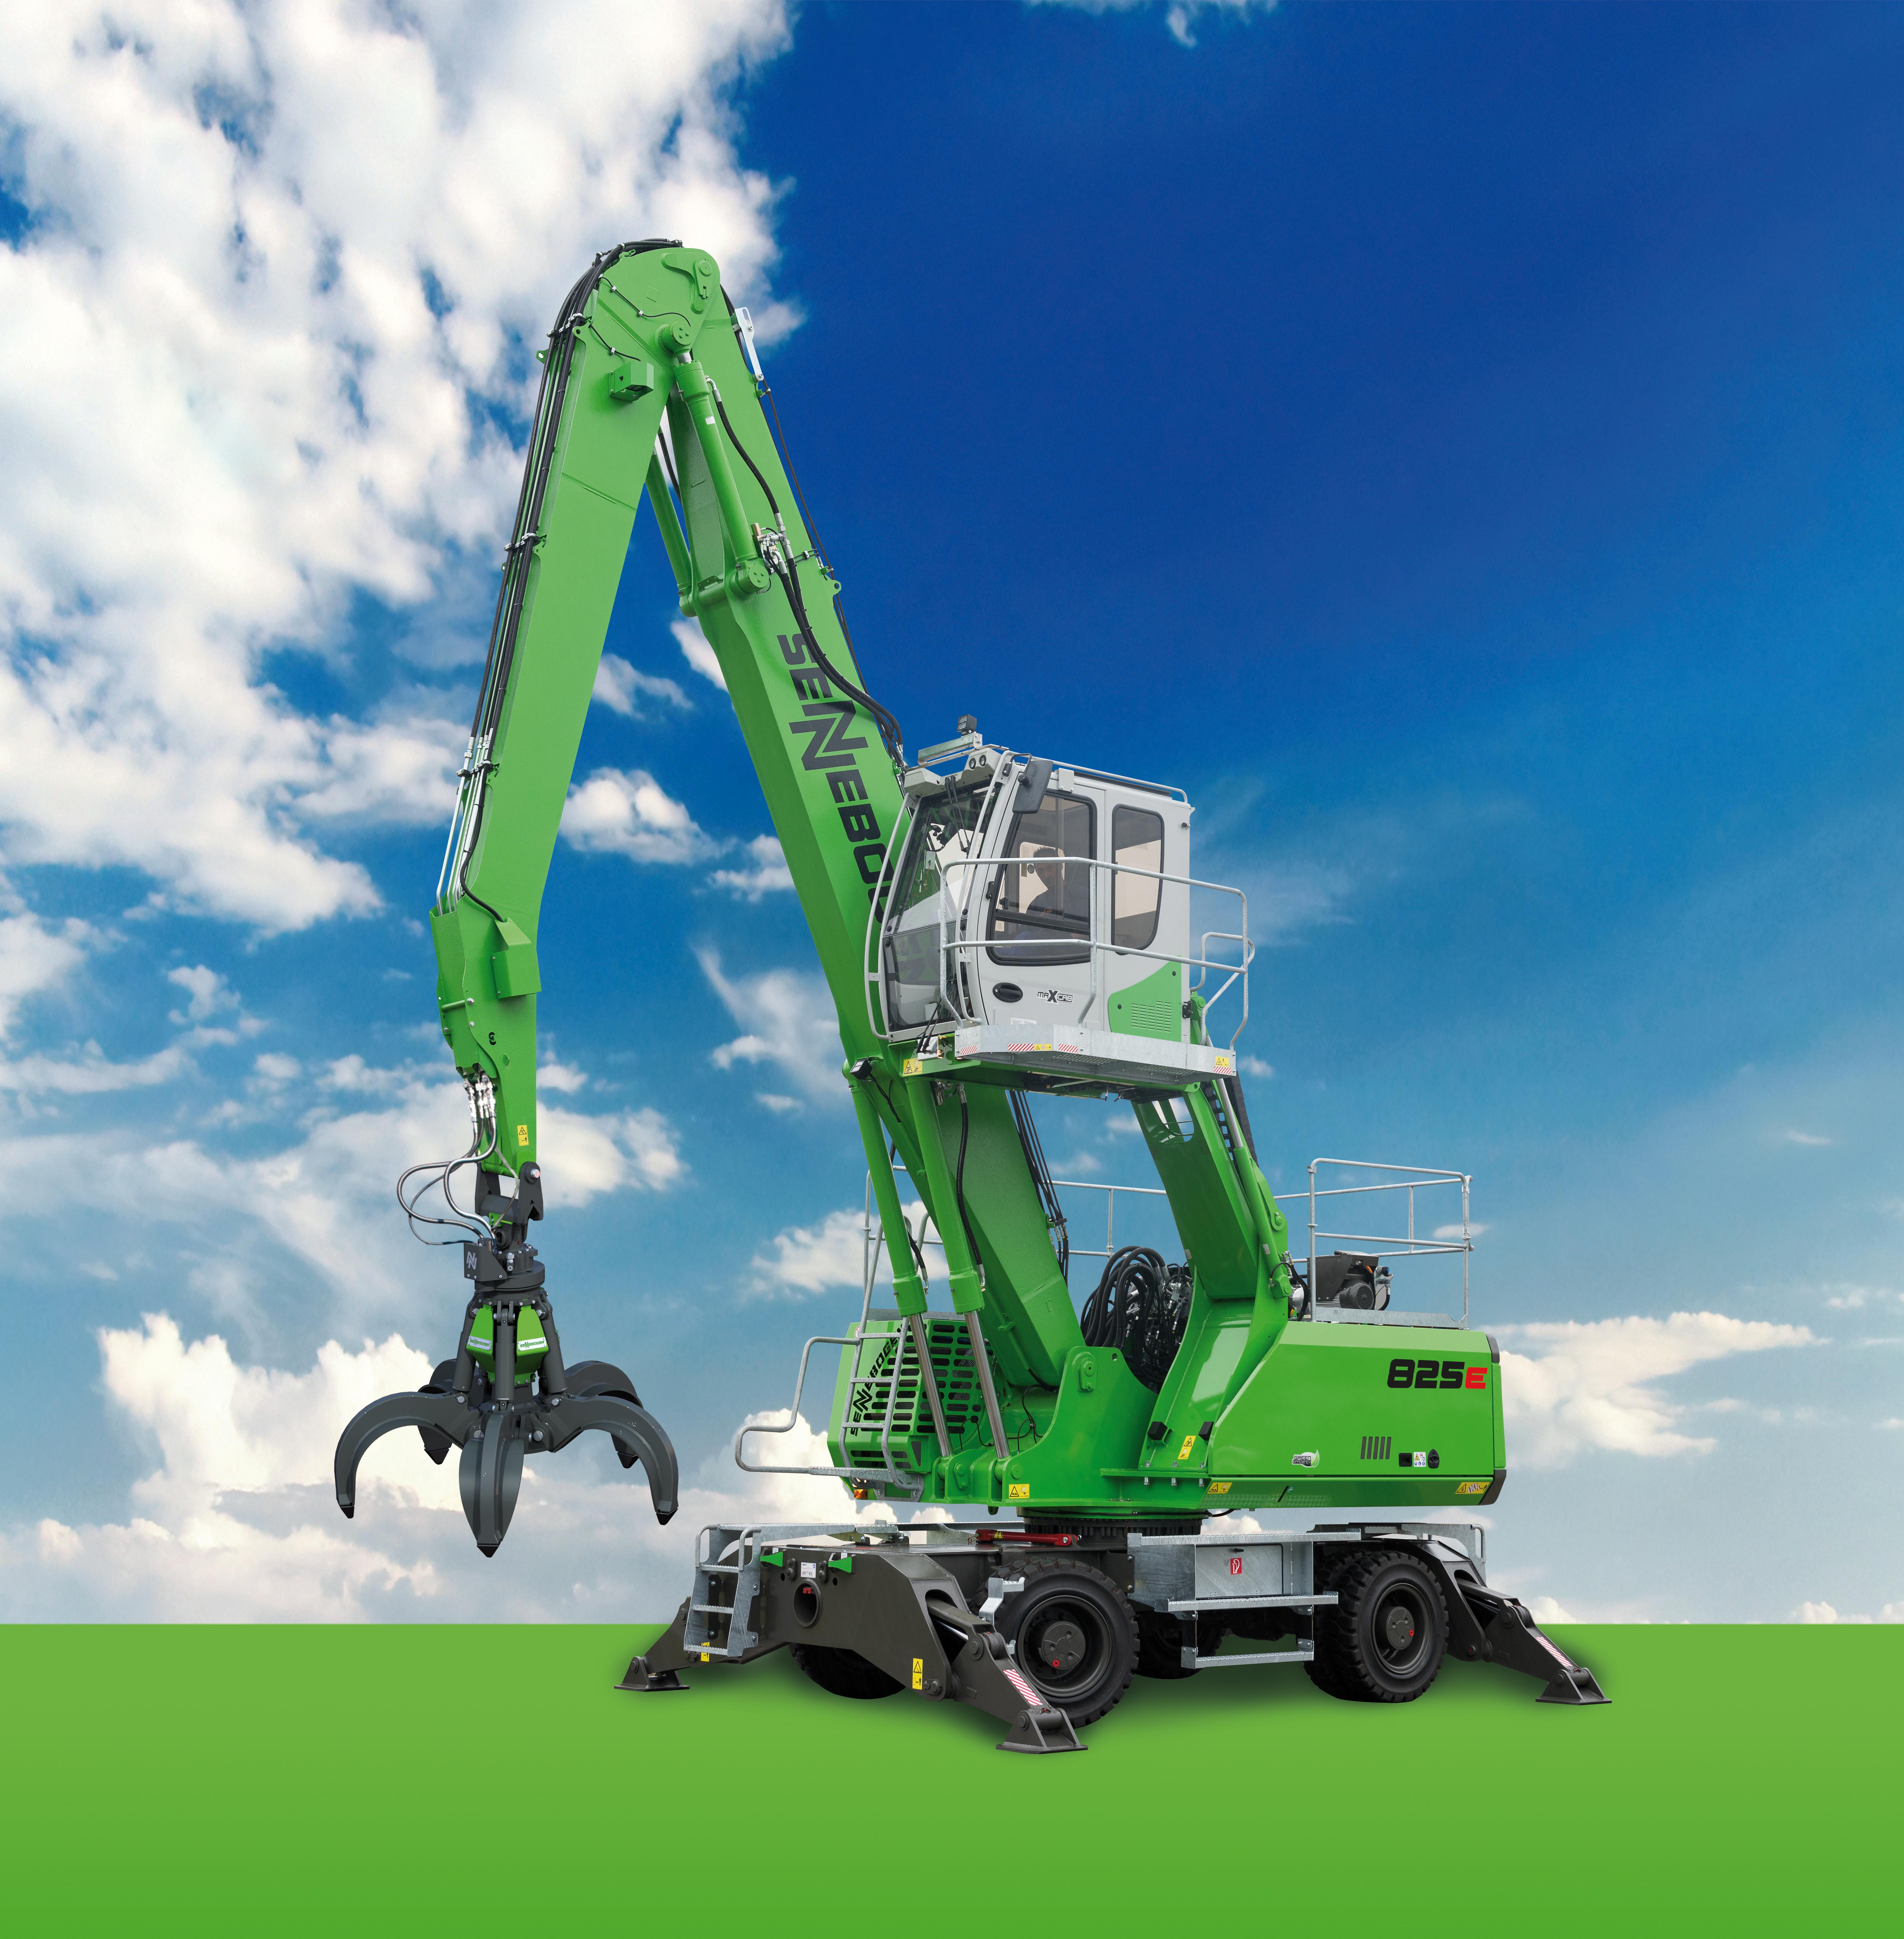 SENNEBOGEN bringt mit der neuen Generation des 825 E einen modernen Umschlagbagger auf den Markt, der mit zahlreichen Einsatzmöglichkeiten im Holzumschlag, beim Recycling oder auf dem Schrottplatz überzeugt.